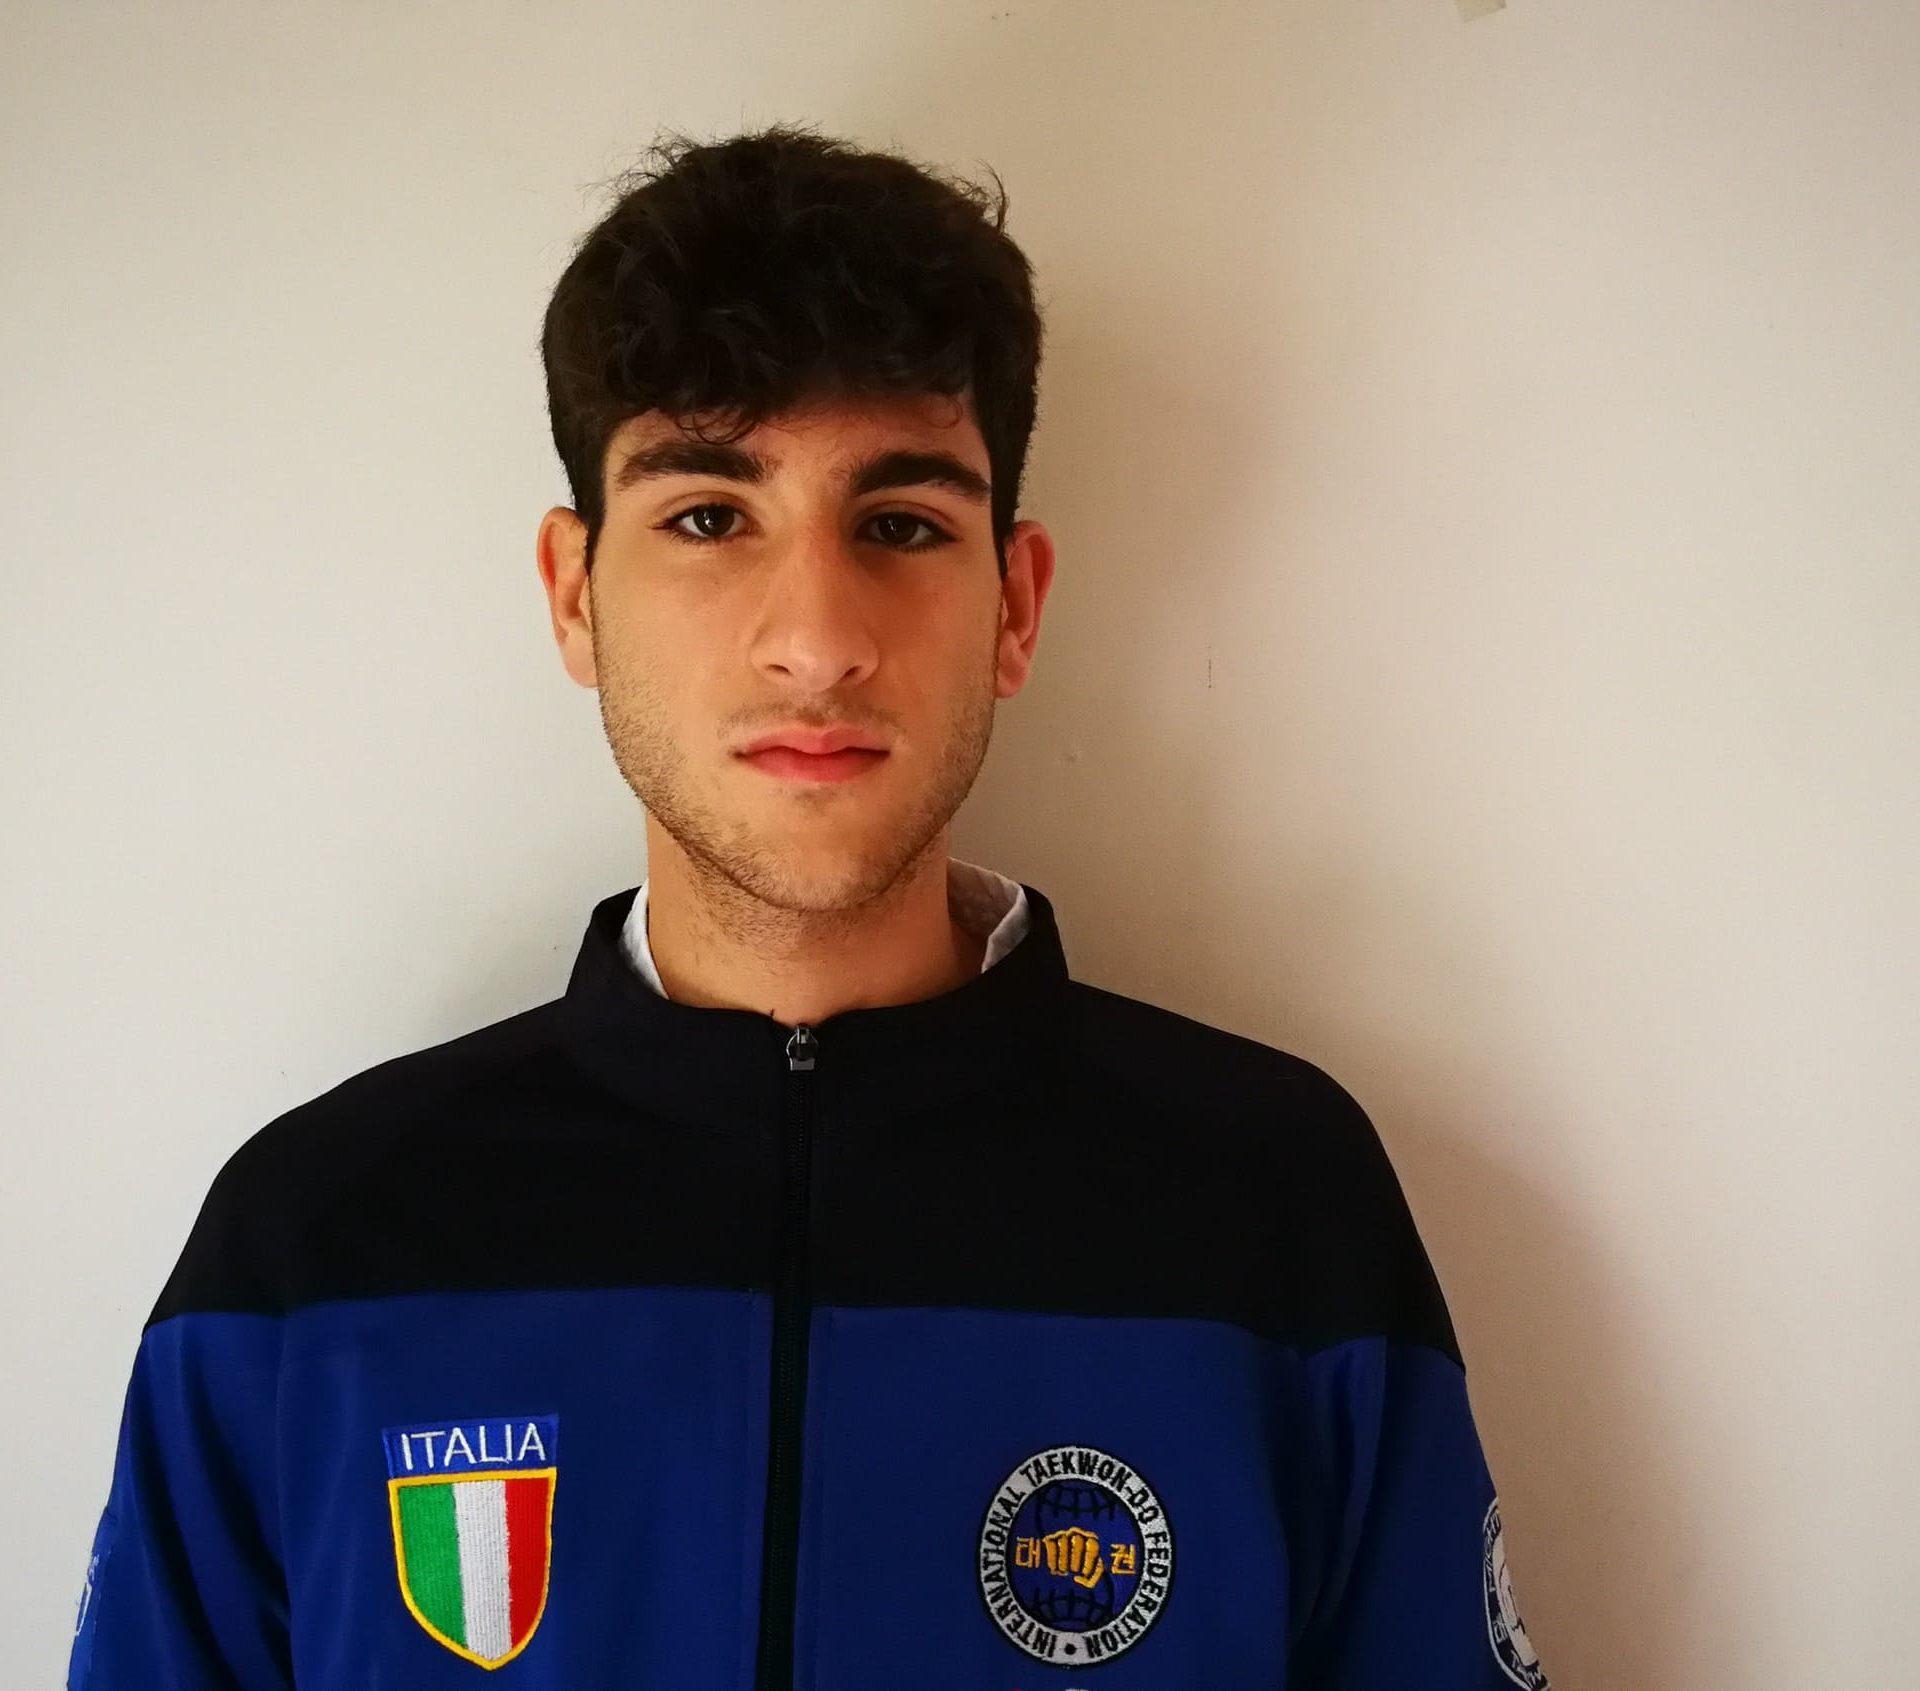 Alessio Langella